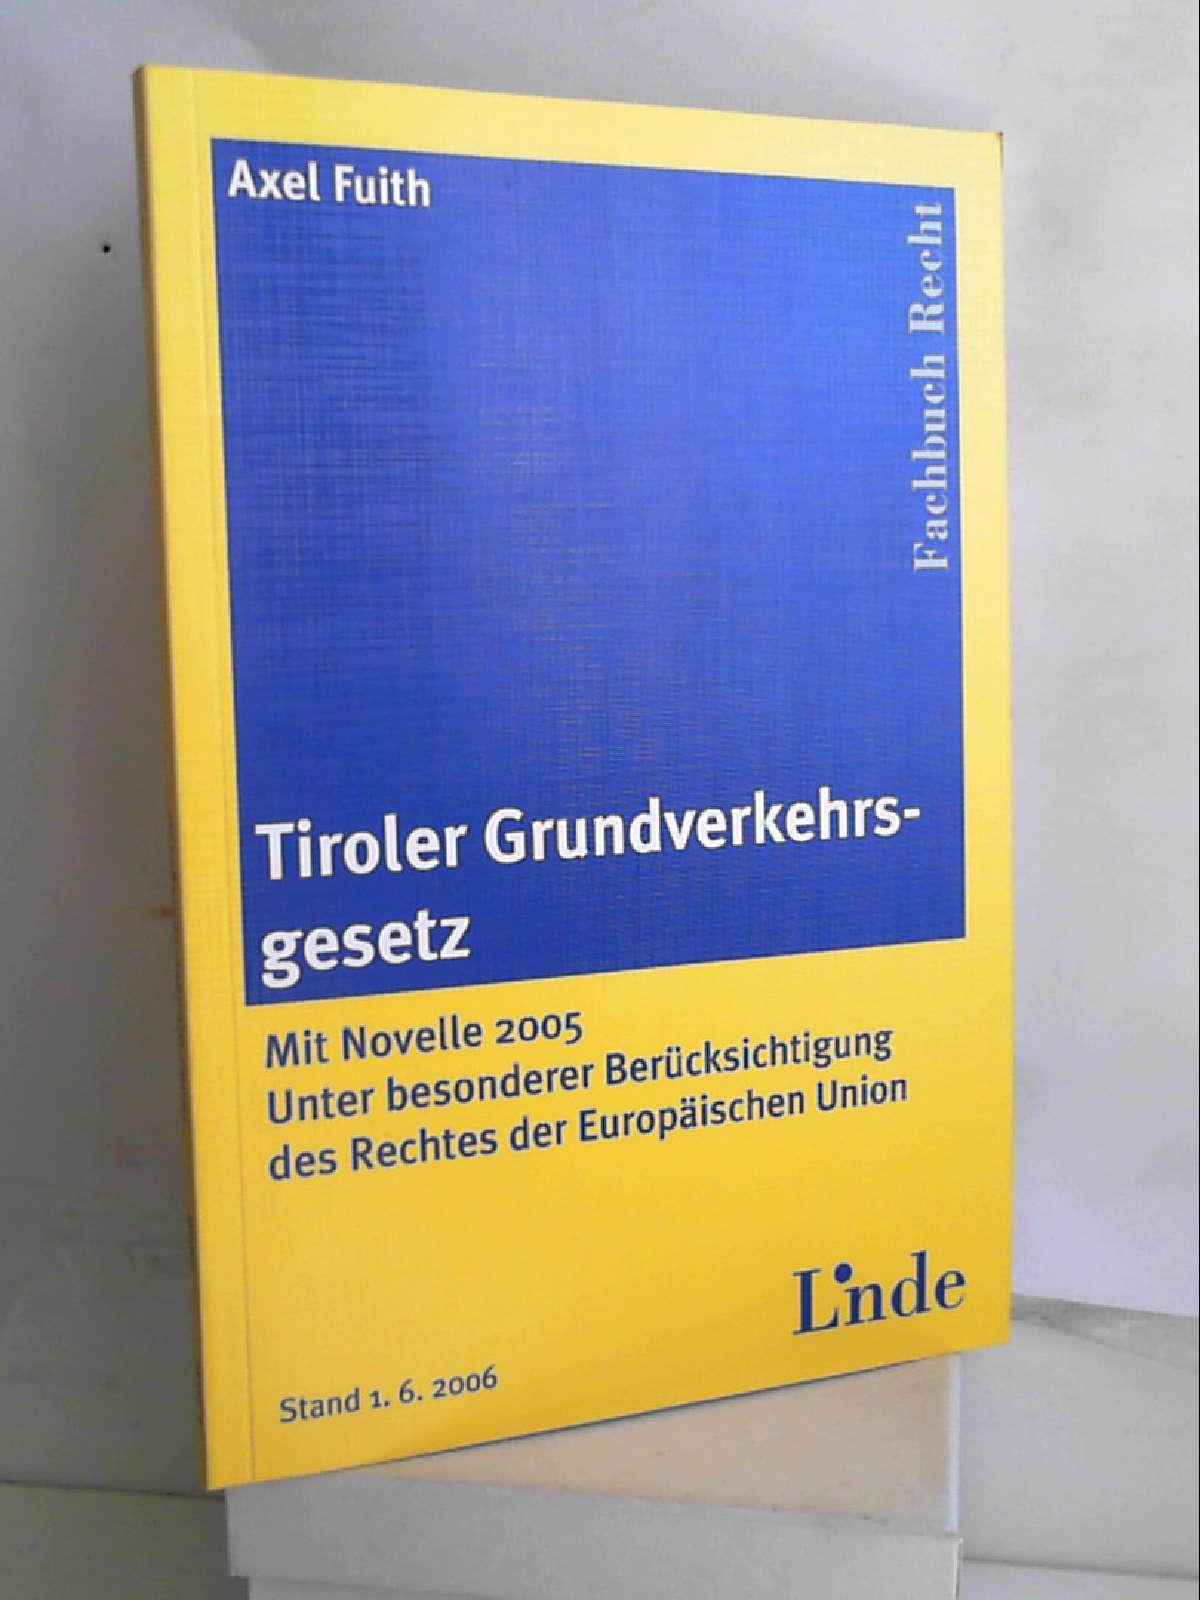 Tiroler Grundverkehrsgesetz: Mit Novelle 2005. Unter besonderer Berücksichtigung des Rechtes der Europäischen Union - Axel Fuith